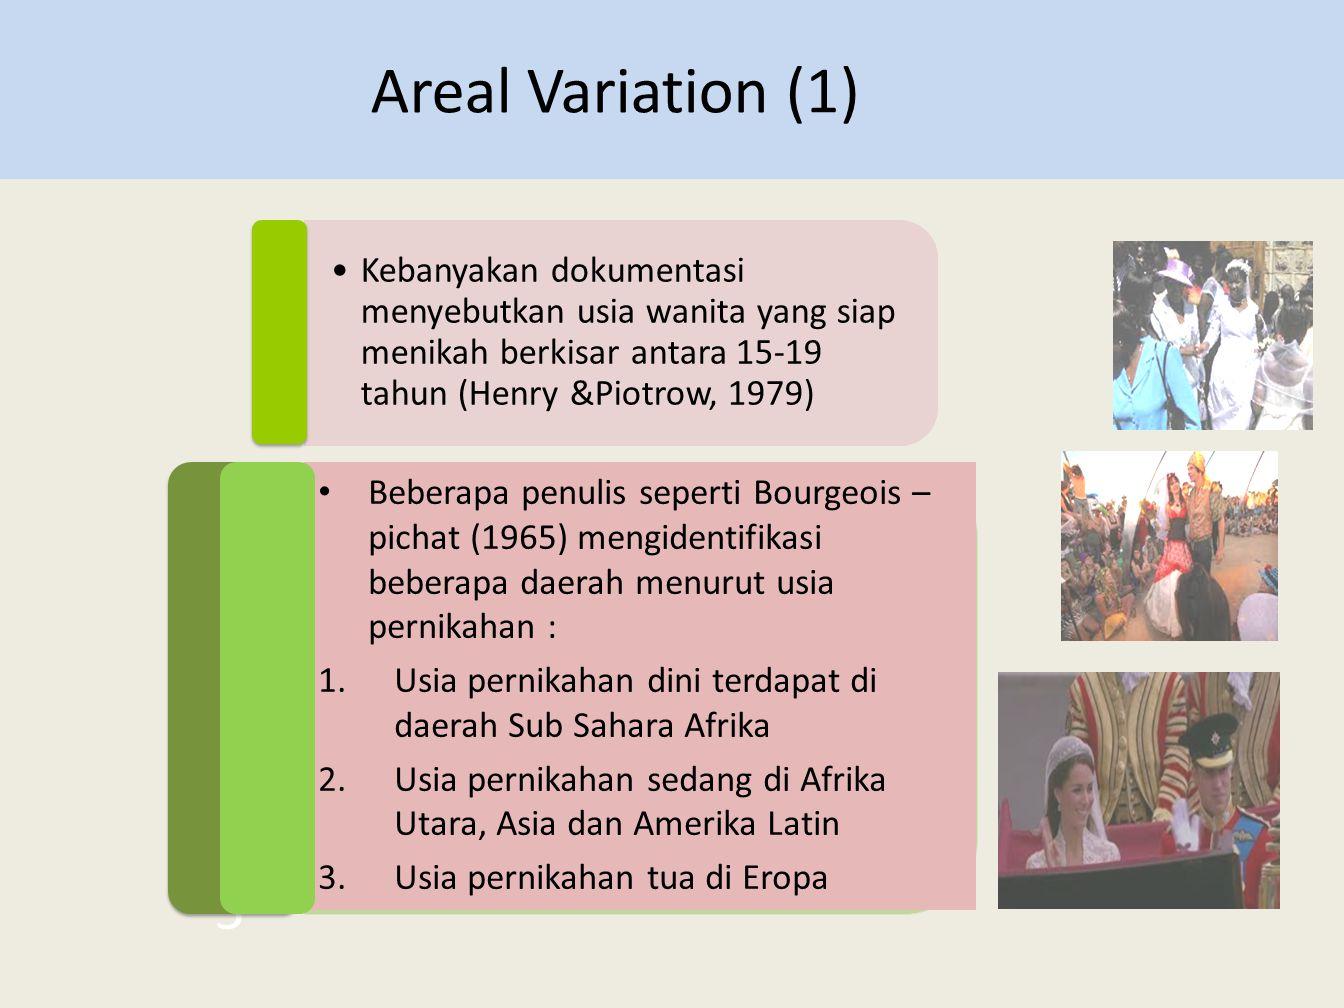 •Kebanyakan dokumentasi menyebutkan usia wanita yang siap menikah berkisar antara 15-19 tahun (Henry &Piotrow, 1979) Areal Variation (1) 5 5 • Beberap